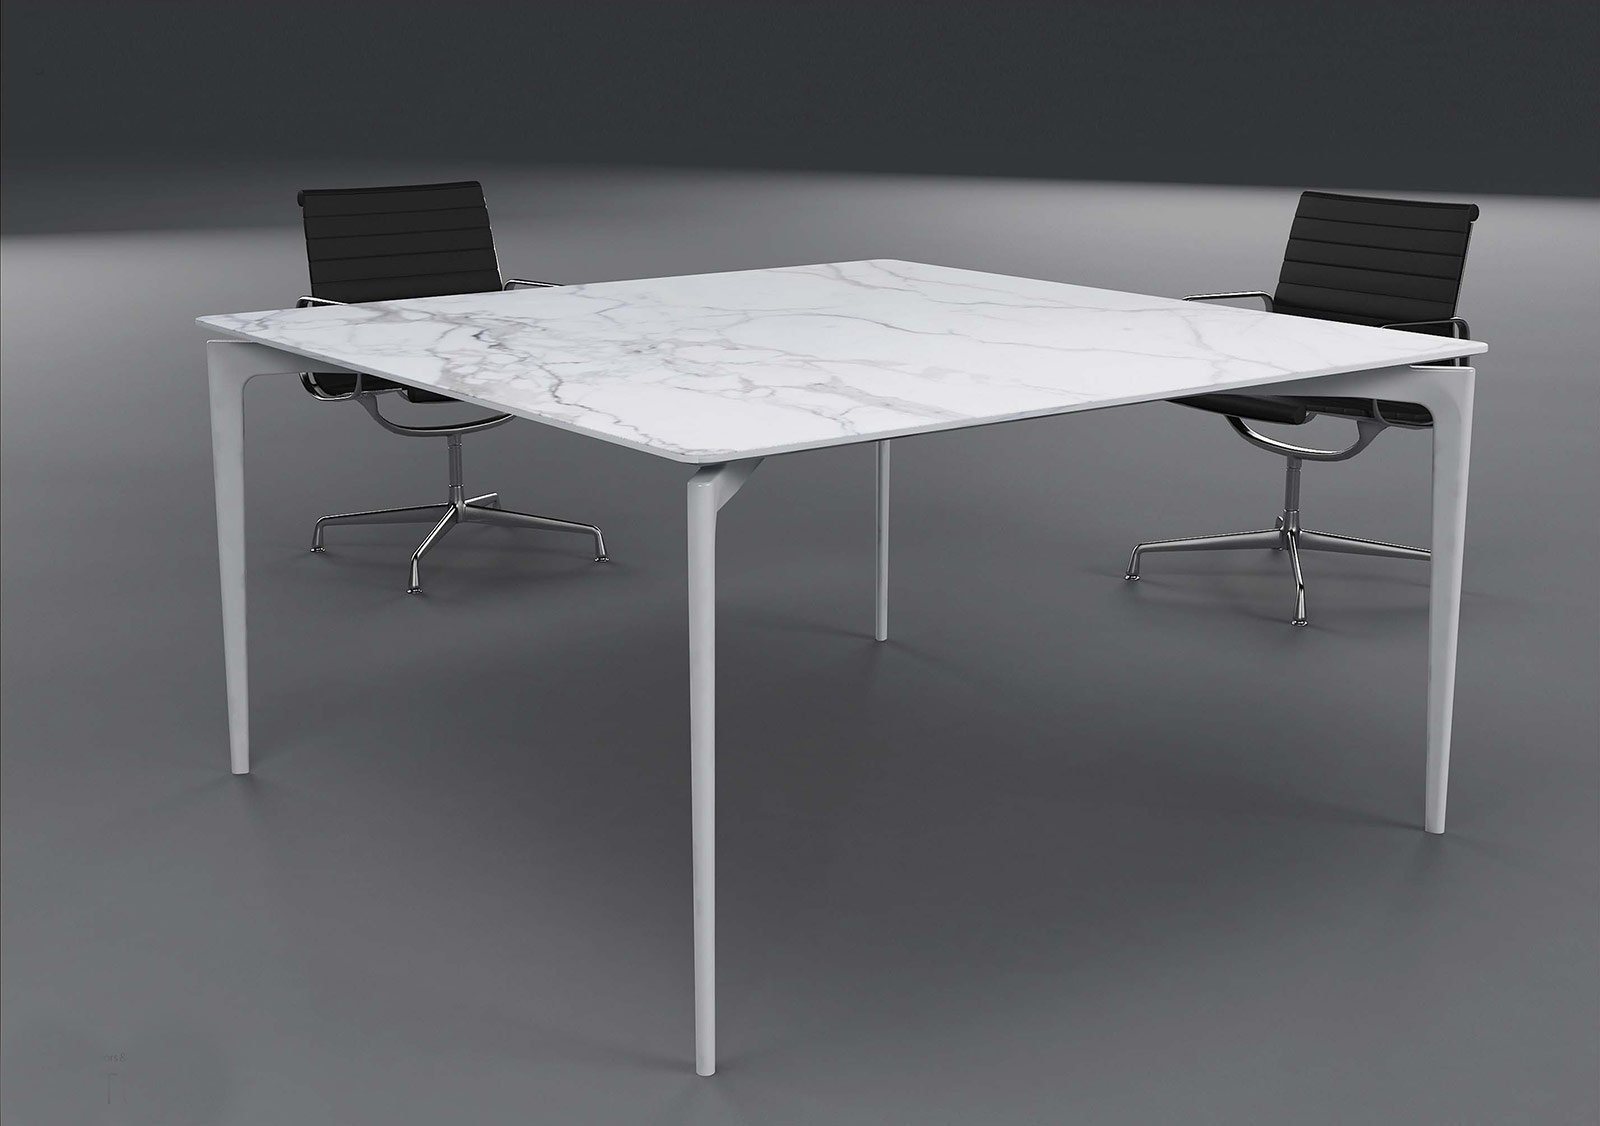 Tavoli con struttura in metallo dal salone del mobile for Tavolo salone